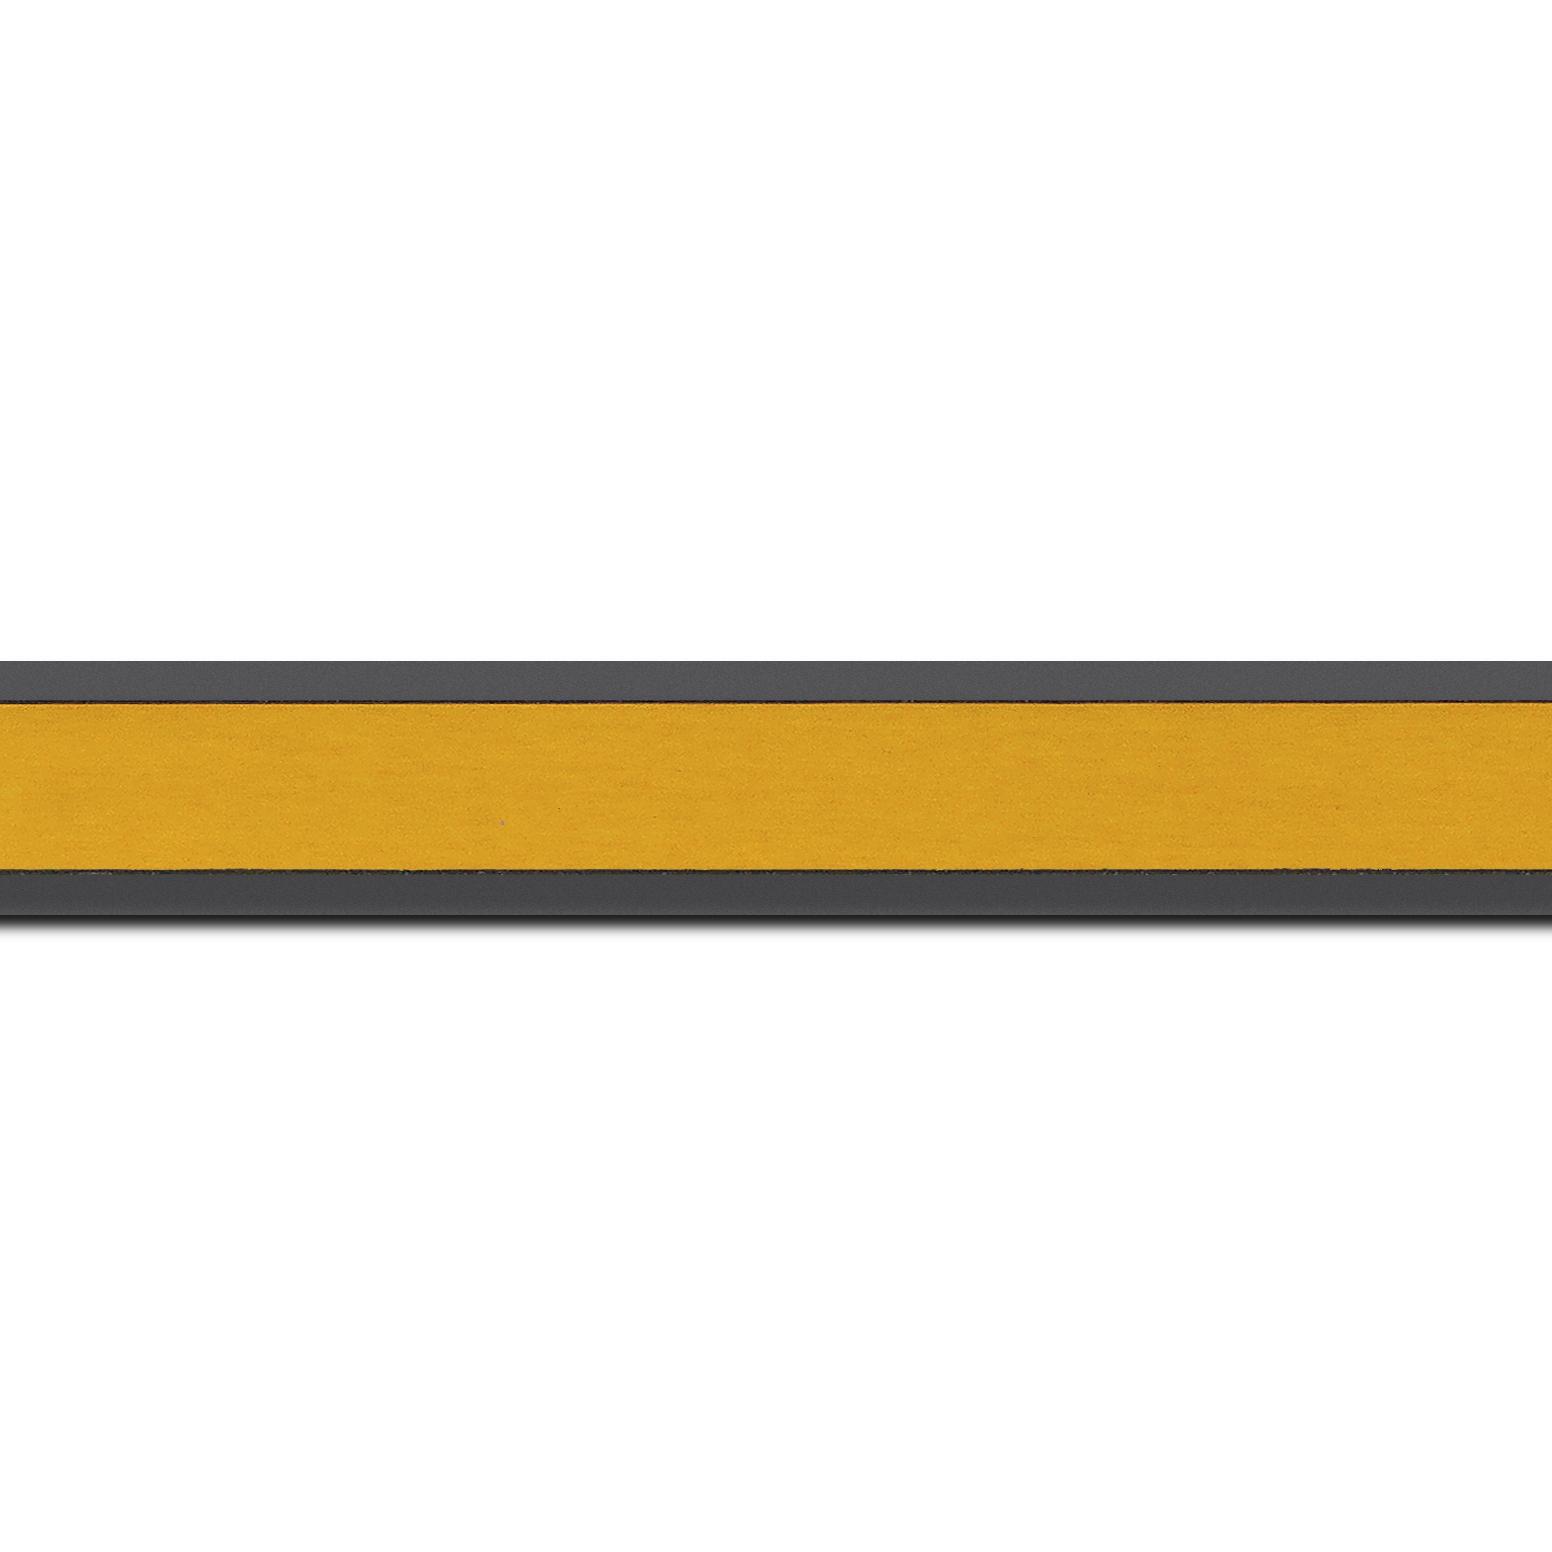 Pack par 12m, bois essence marupa profil plat largeur 2.5cm plaquage érable teinté jaune,  filet intérieur et extérieur gris foncé (longueur baguette pouvant varier entre 2.40m et 3m selon arrivage des bois)